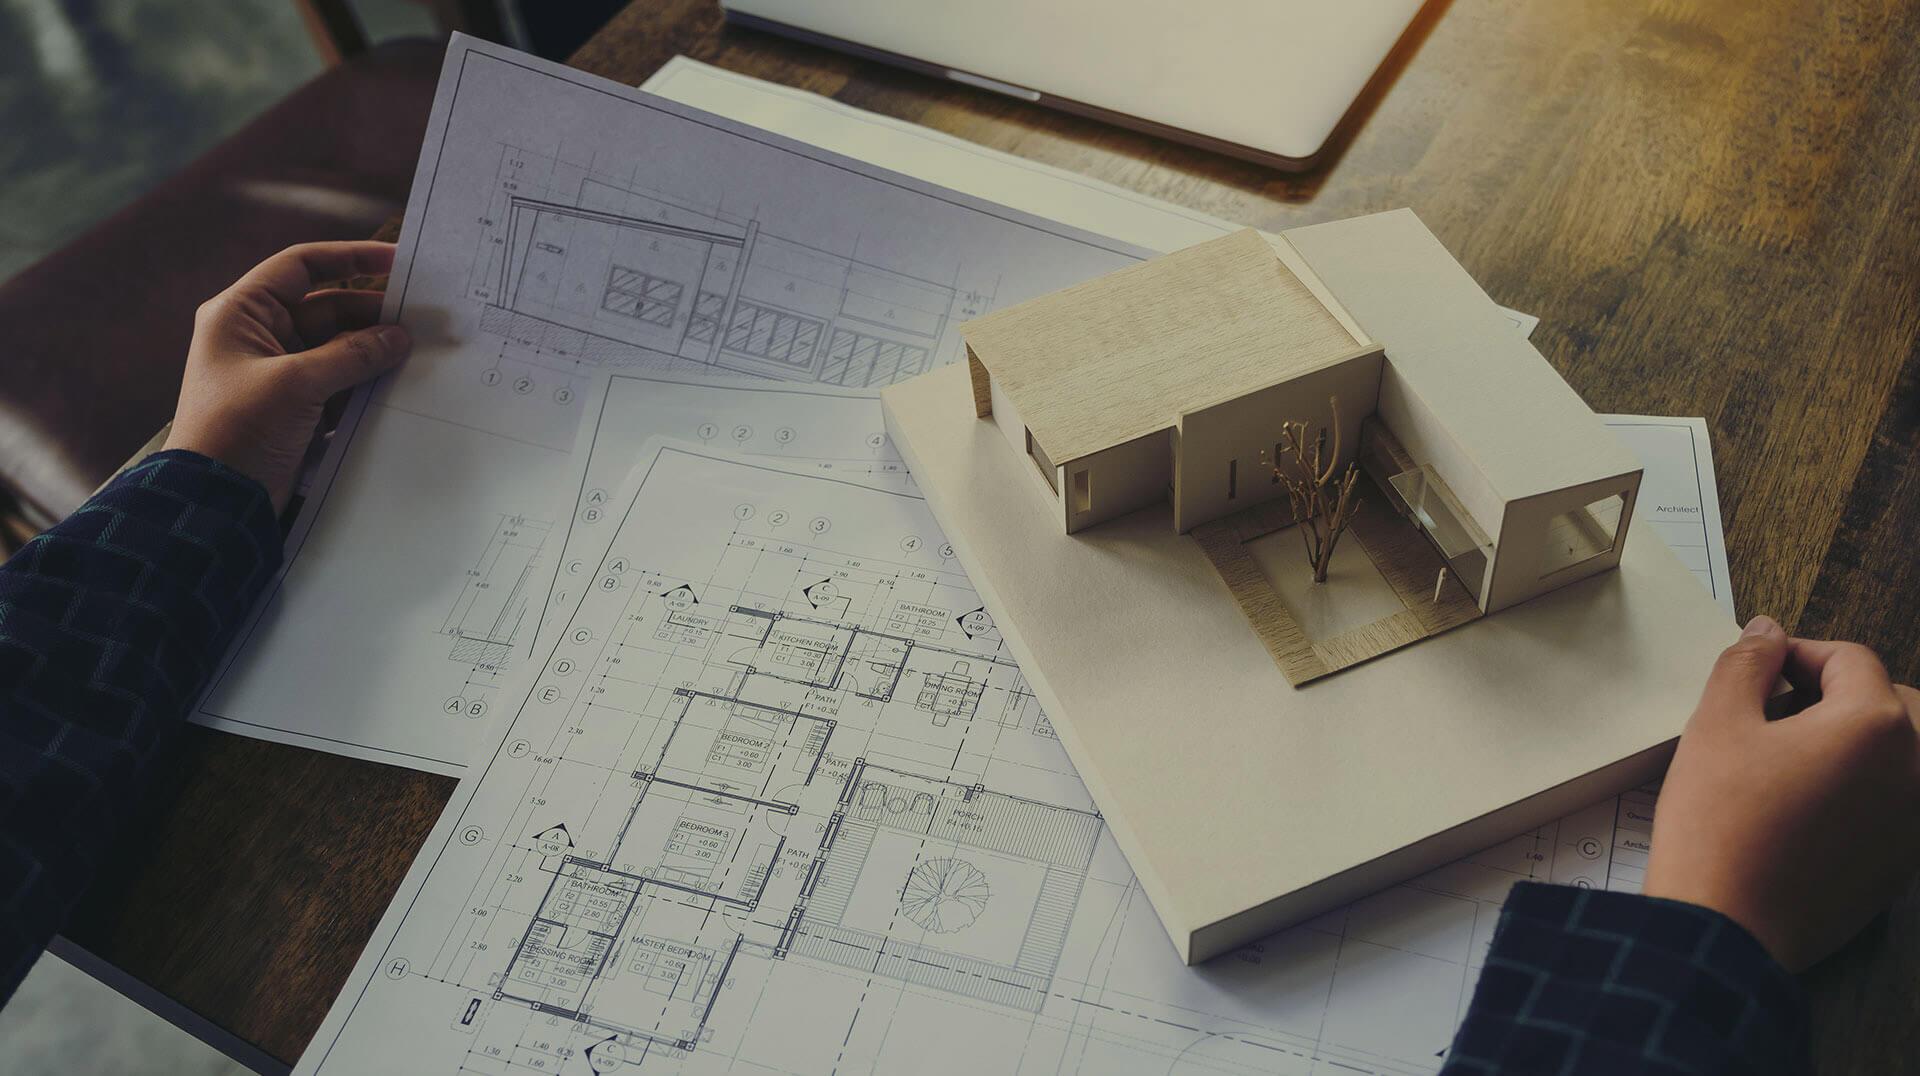 Flexibilität hängt von der architektonischen Qualität ab